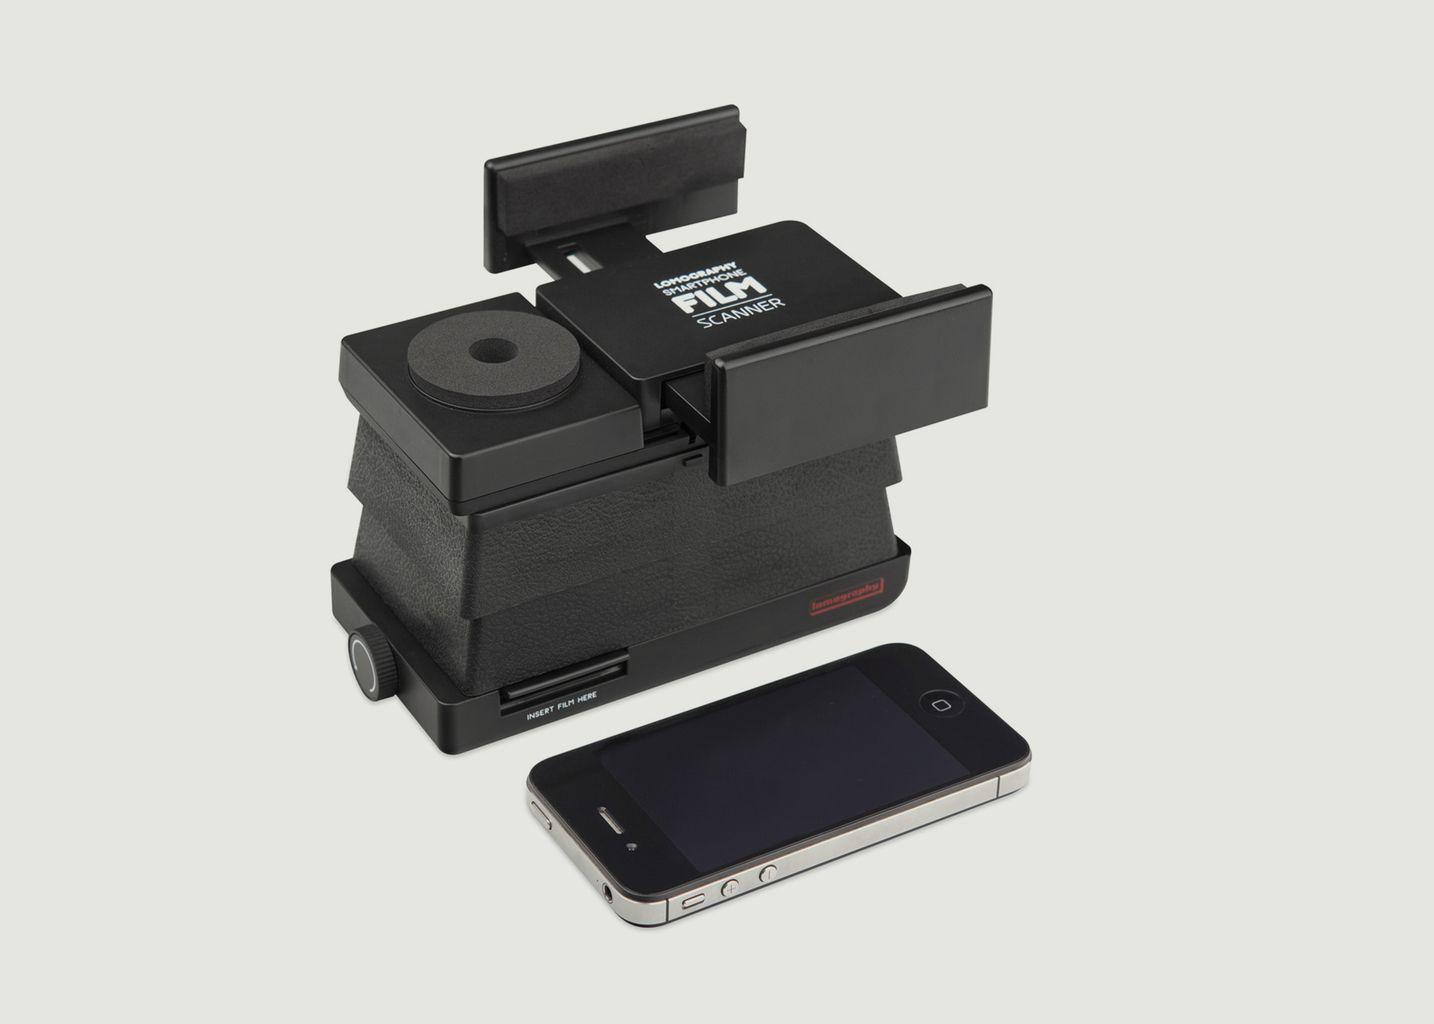 Smartphone Film Scanner - Lomography